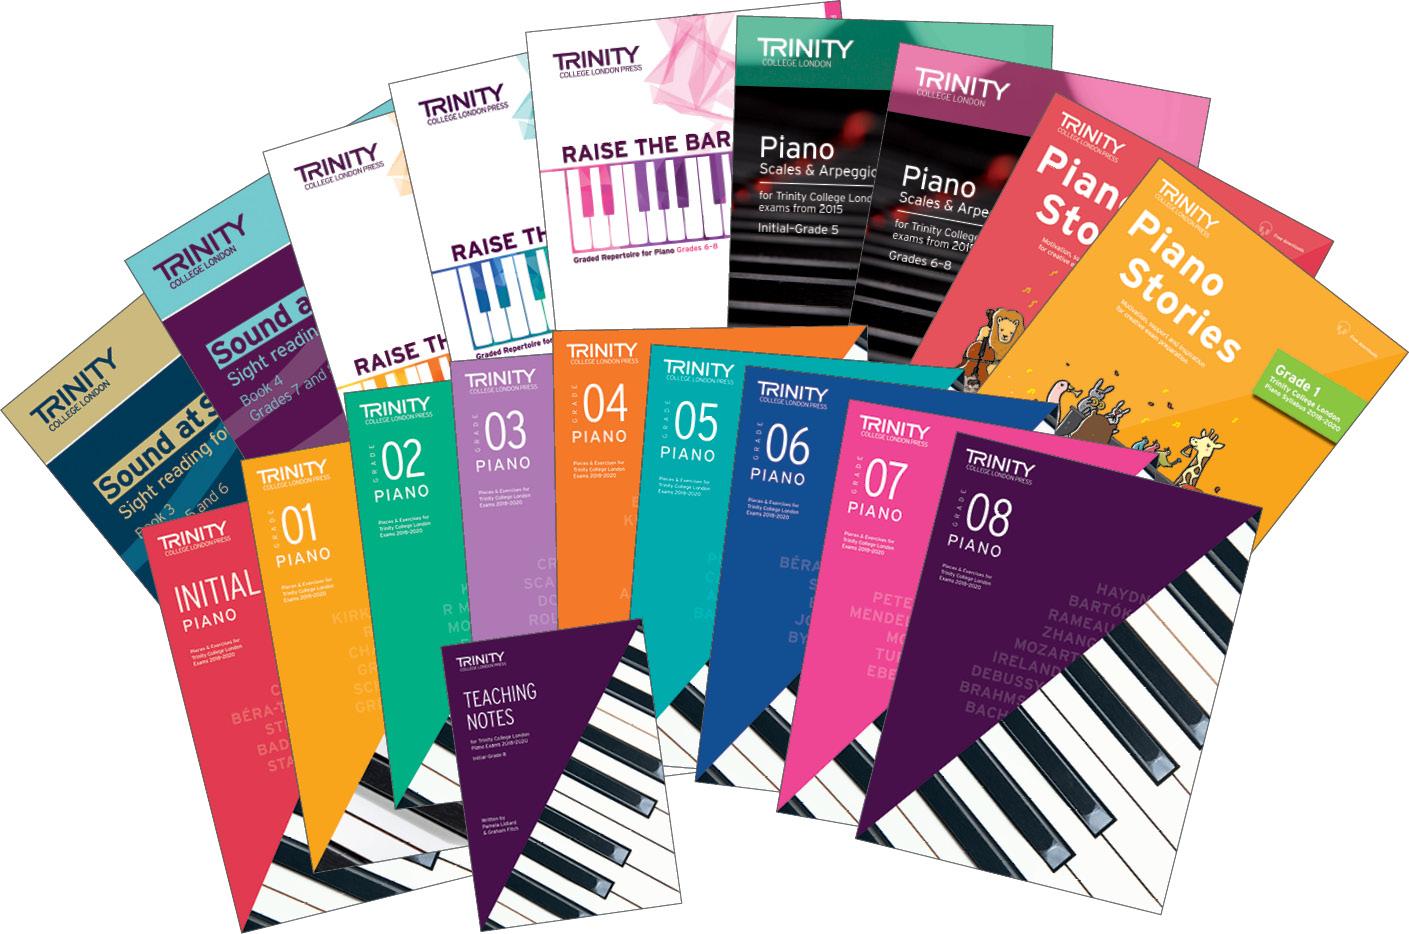 Trinity College London - Piano